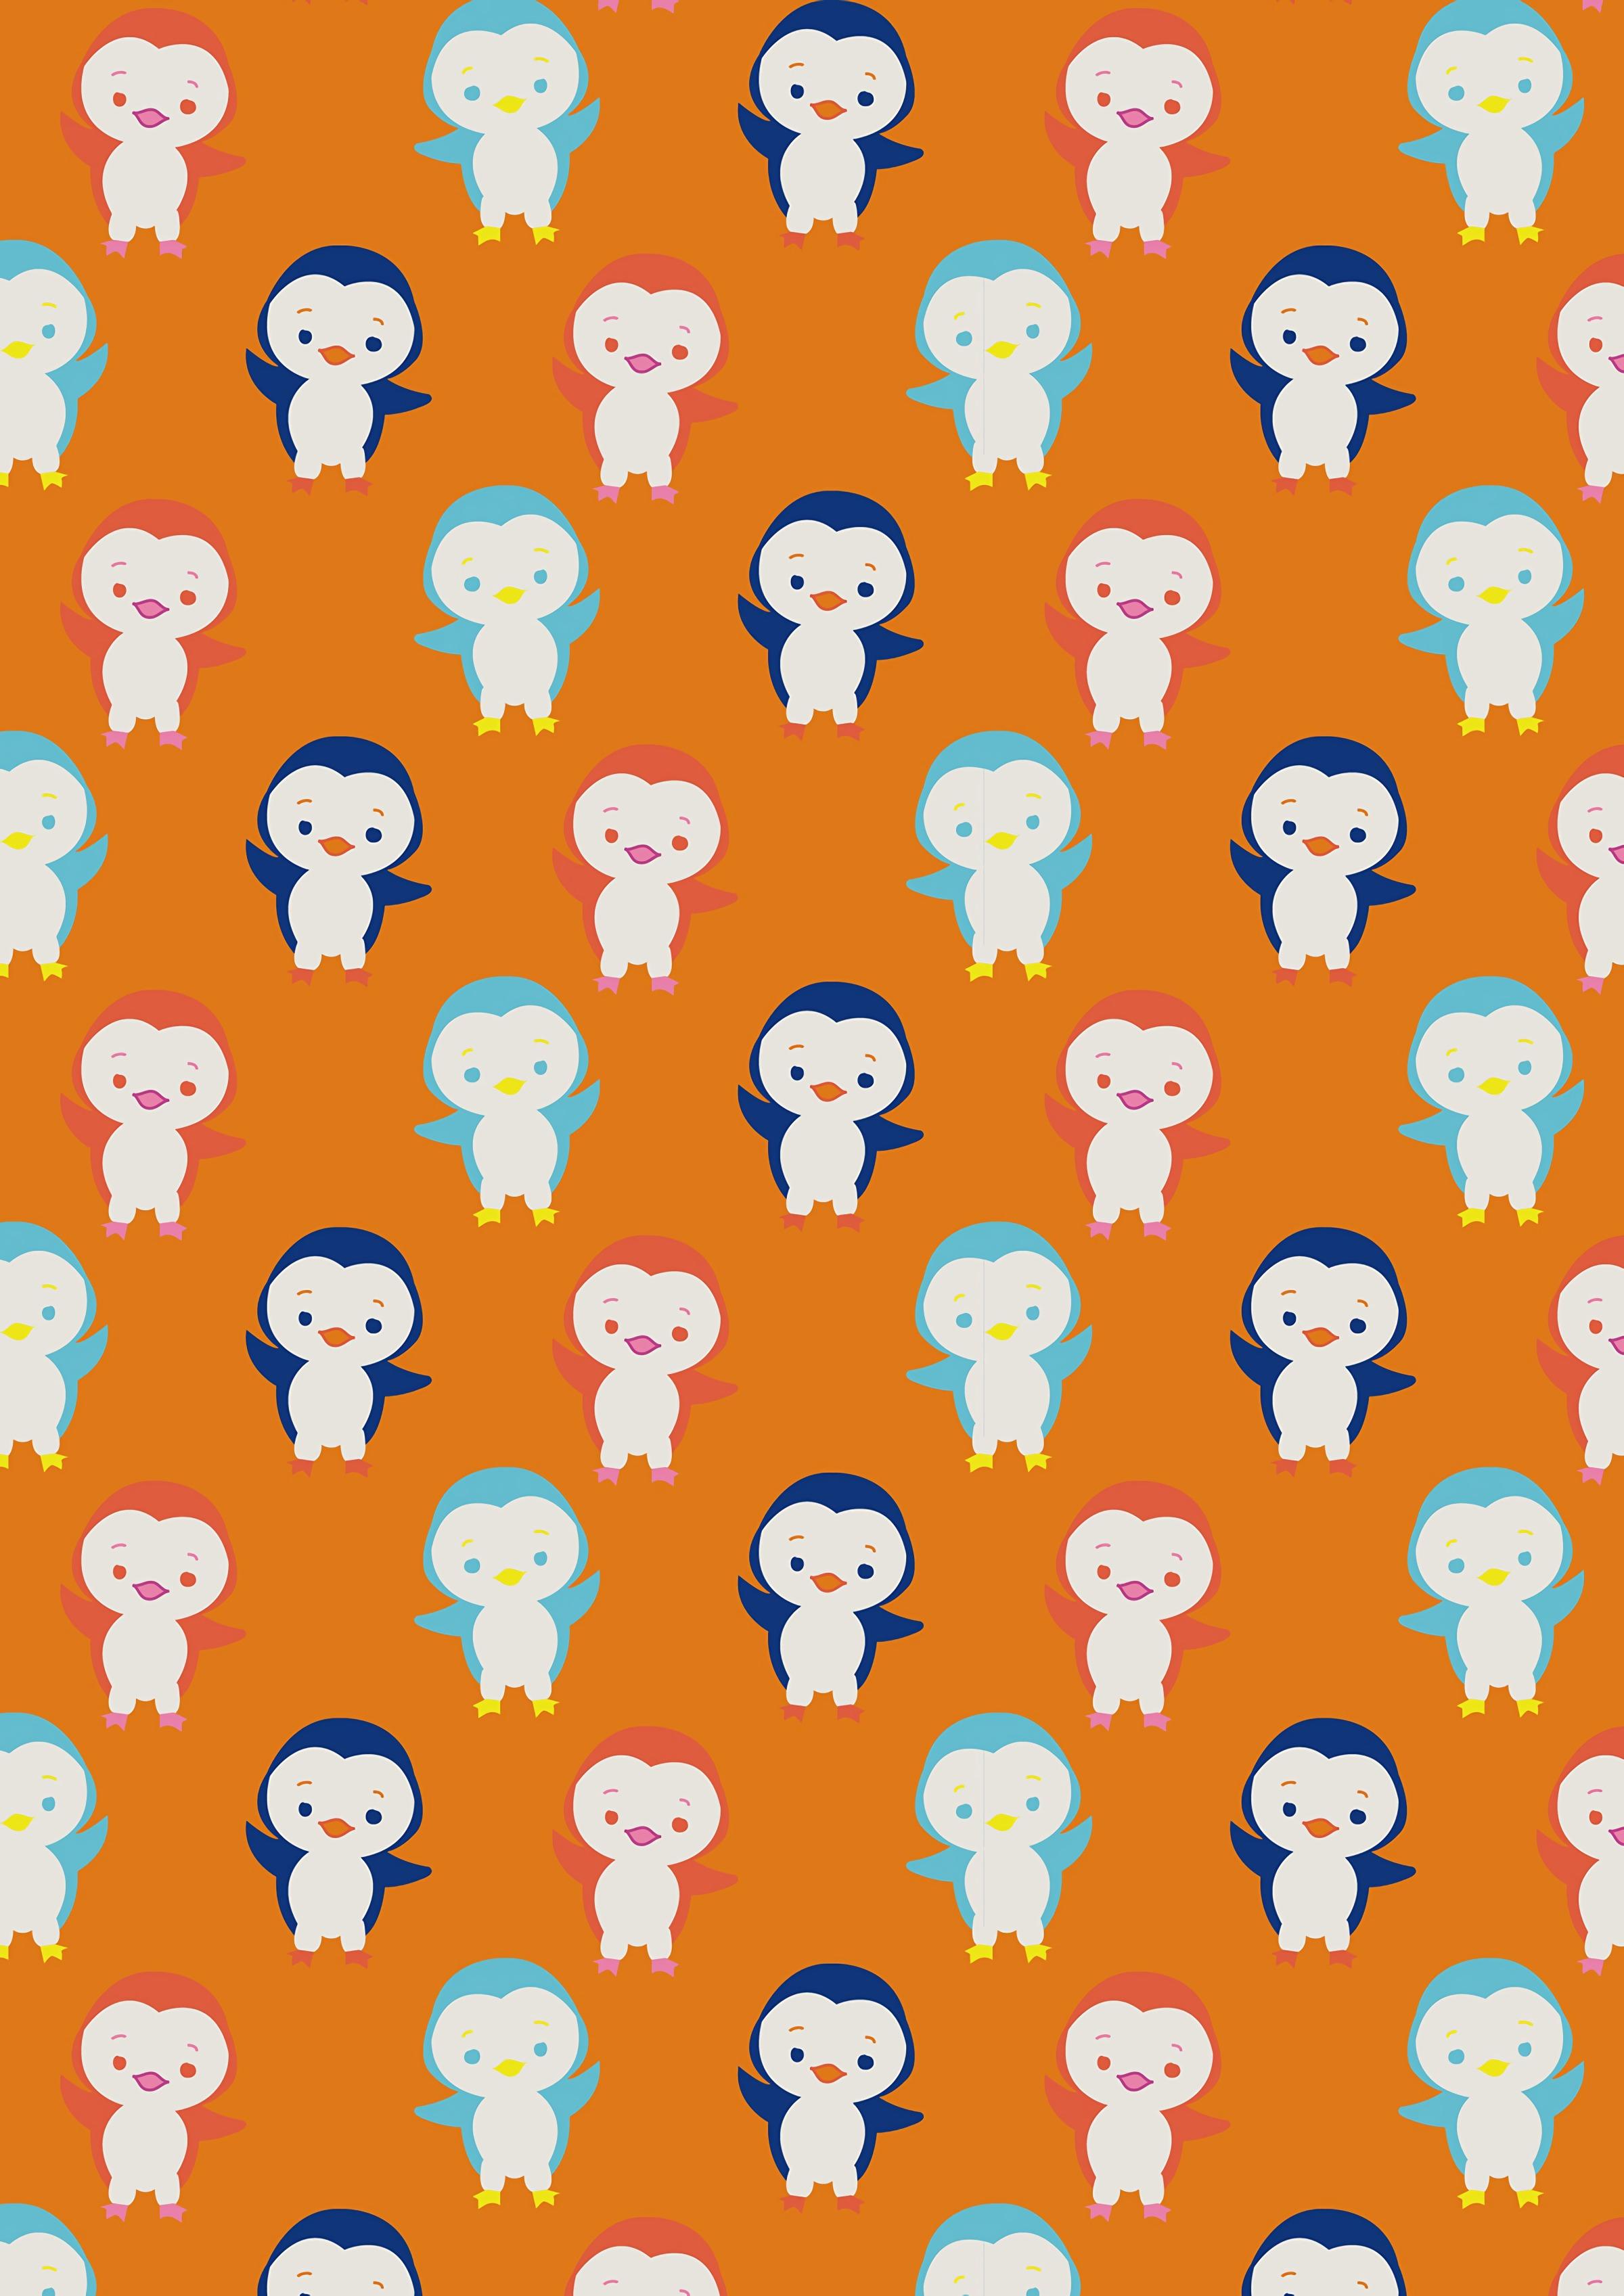 手機的132721屏保和壁紙搞笑。 免費下載 纹理, 可爱的, 可爱, 图案, 形态, 有趣的, 搞笑, 多彩多姿, 五颜六色, 企鹅 圖片